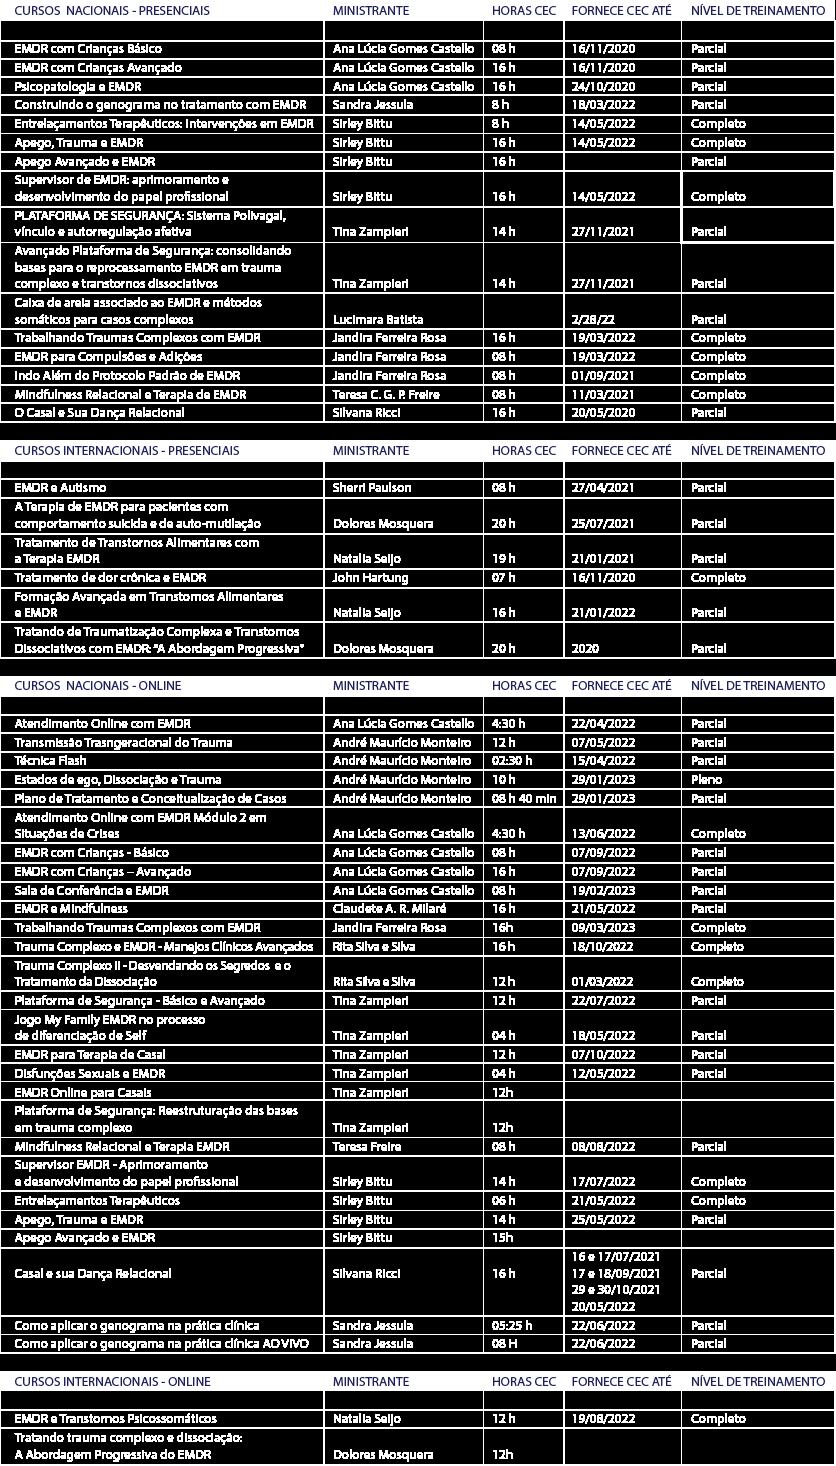 Tabela Cursos_OUT_2020 copy.png